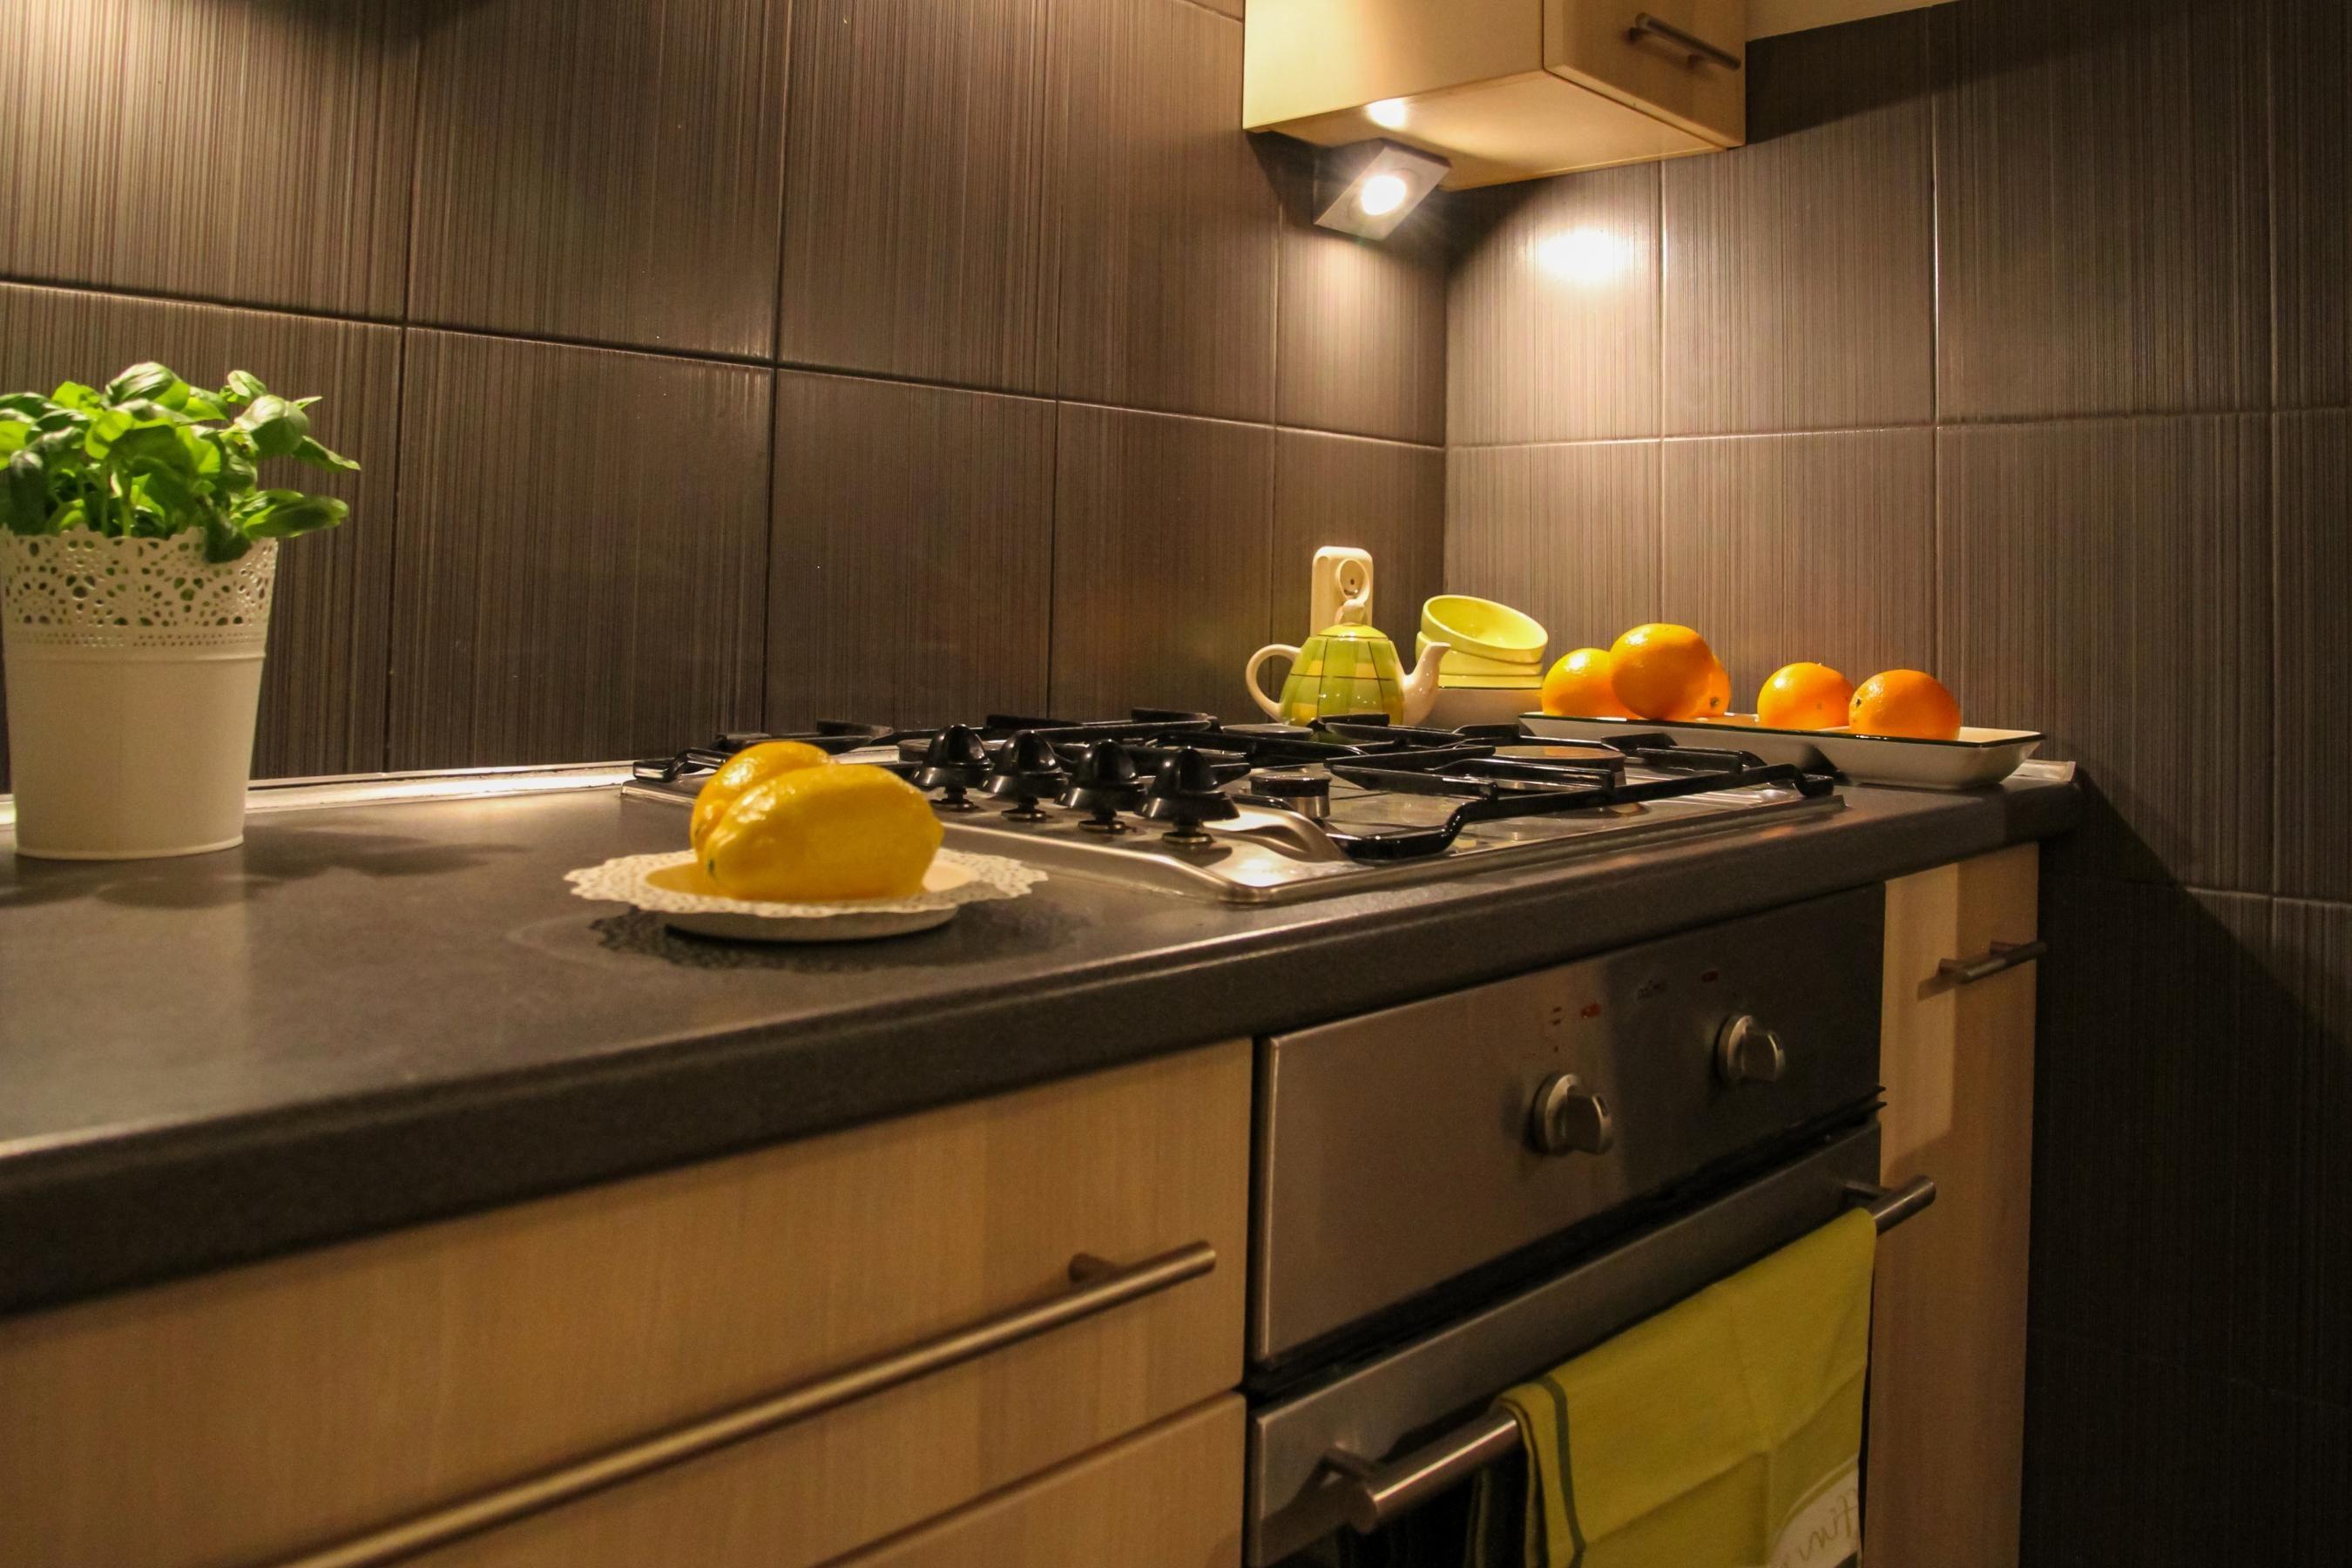 Imagen gratis en el interior estufa comedor horno